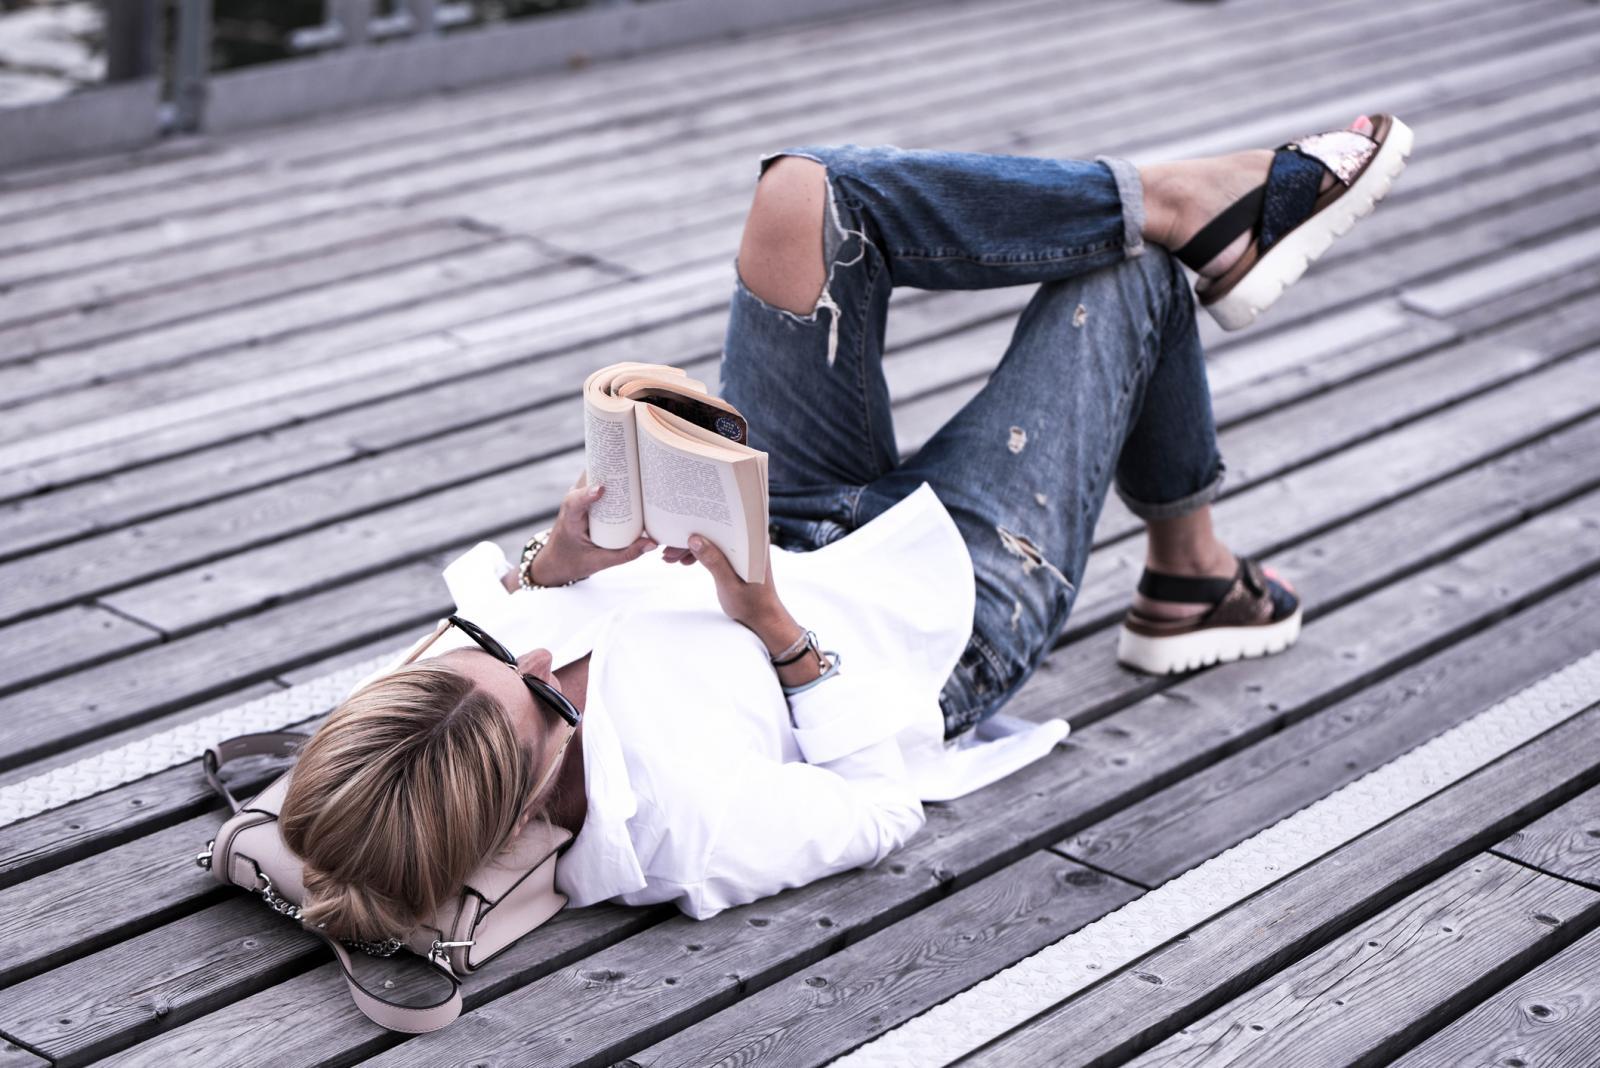 Pročitajte naglas rečenicu iz knjige. Od istih riječi napravite novu rečenicu. Pa još jednu...